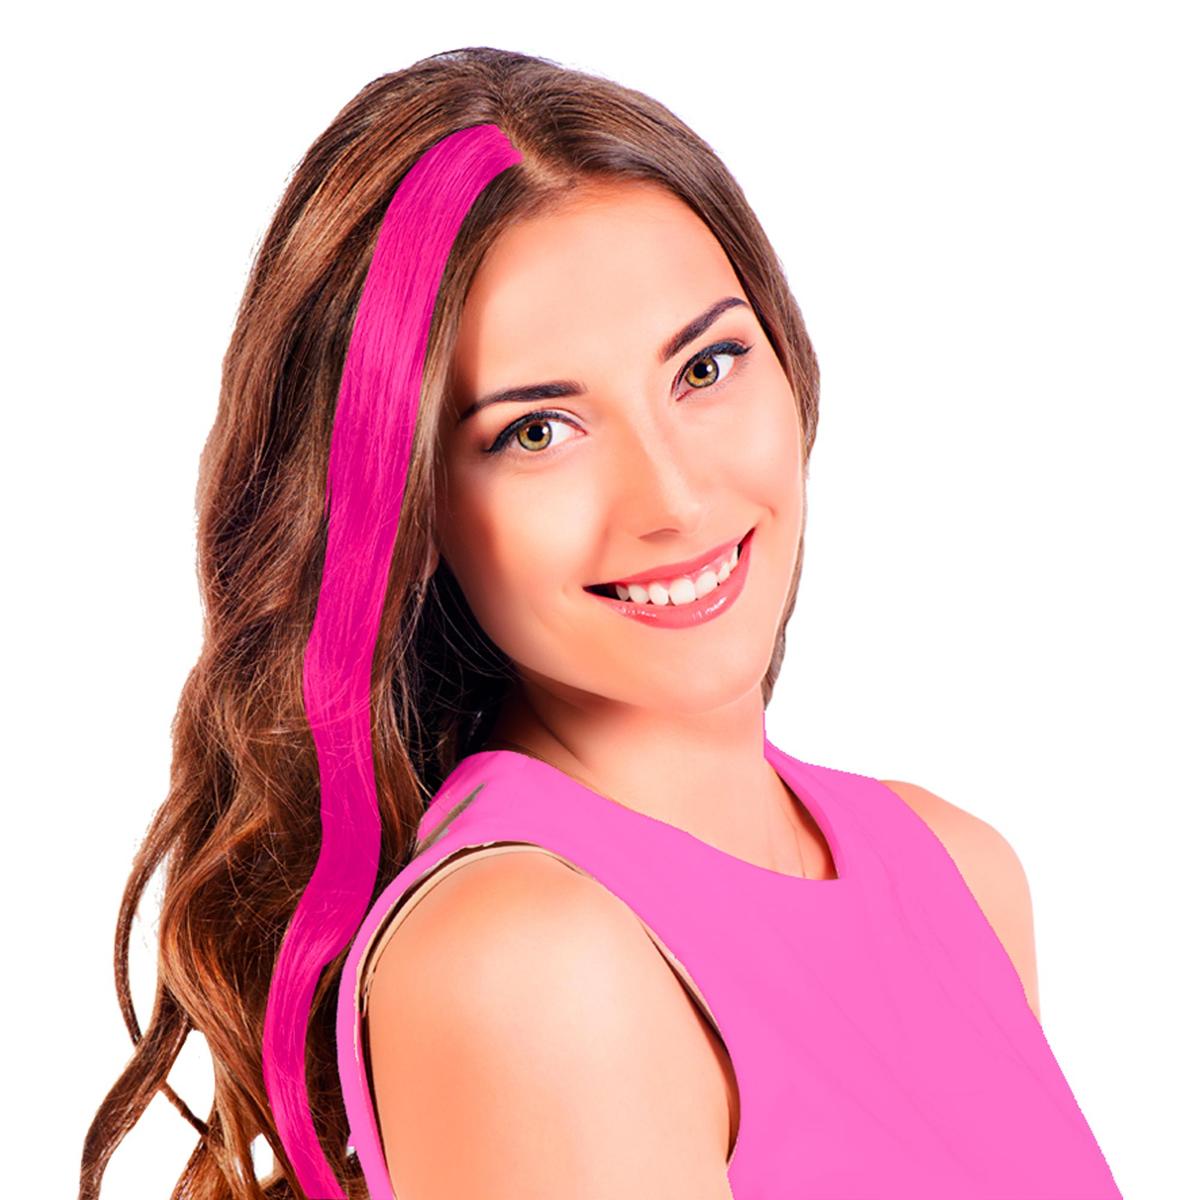 Mèche \'Coloriage\' rose (faux cheveux) - 40 cm - [R2726]